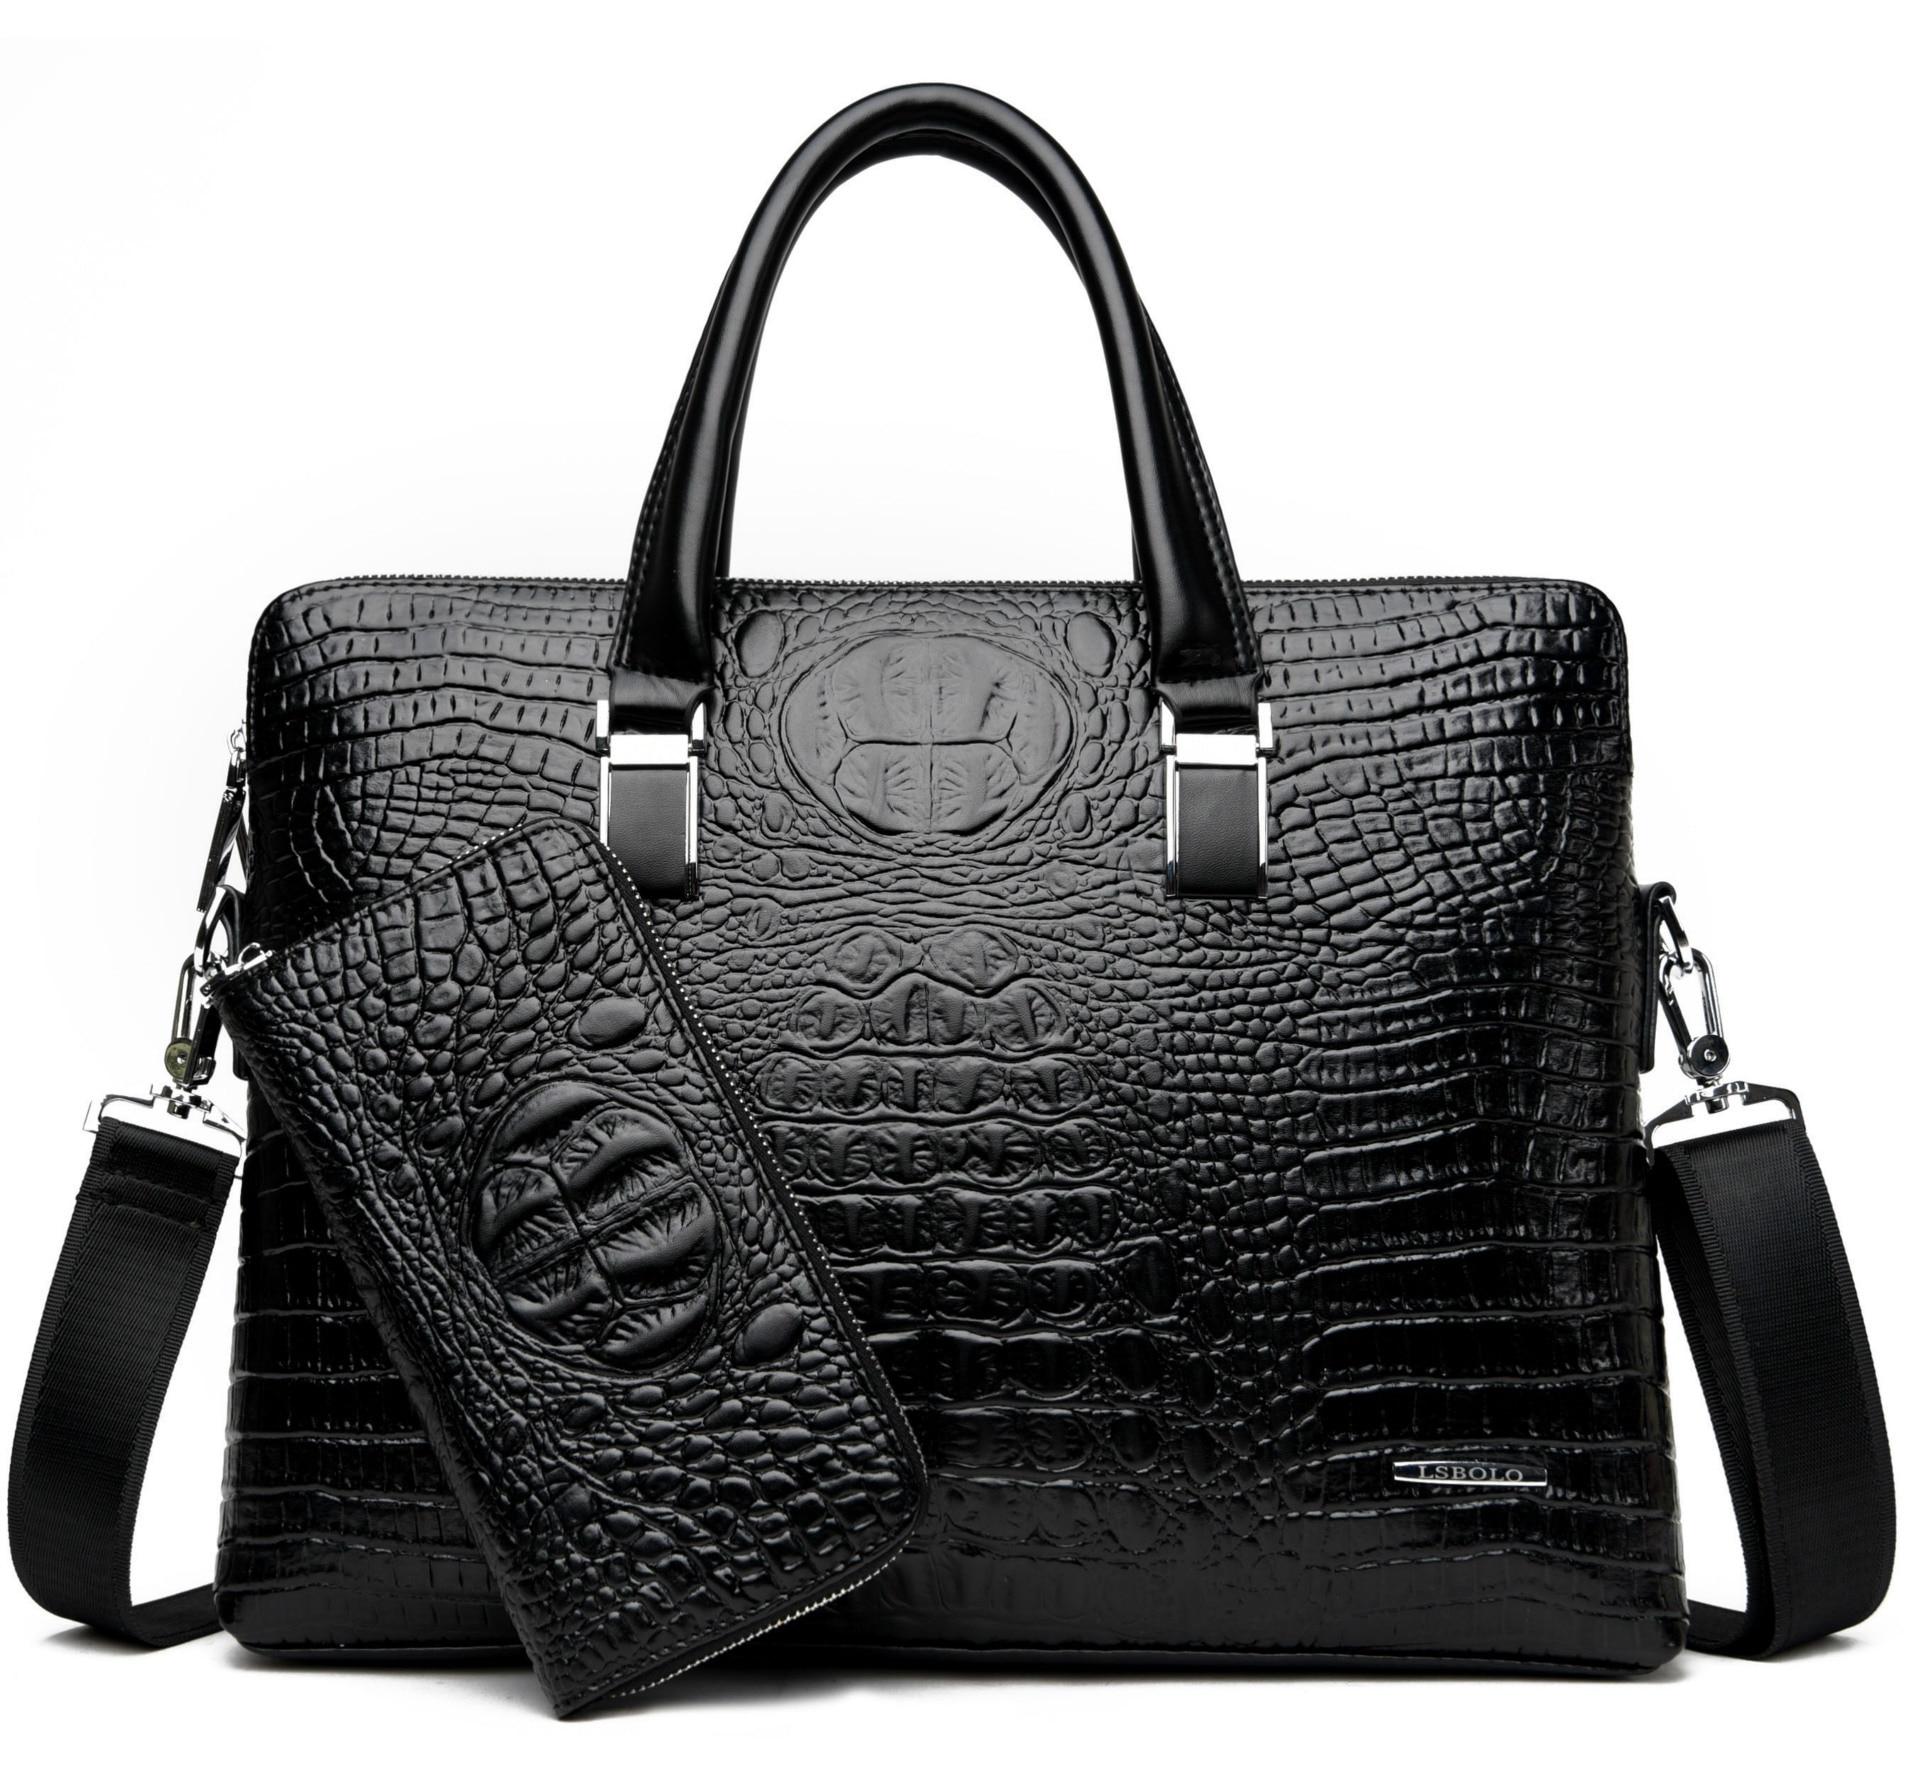 Men's Brand Crocodile Pattern Briefcases Designer Alligator PU Leather Handbag Business Office Laptop Bag Male Vintage Tote 2019